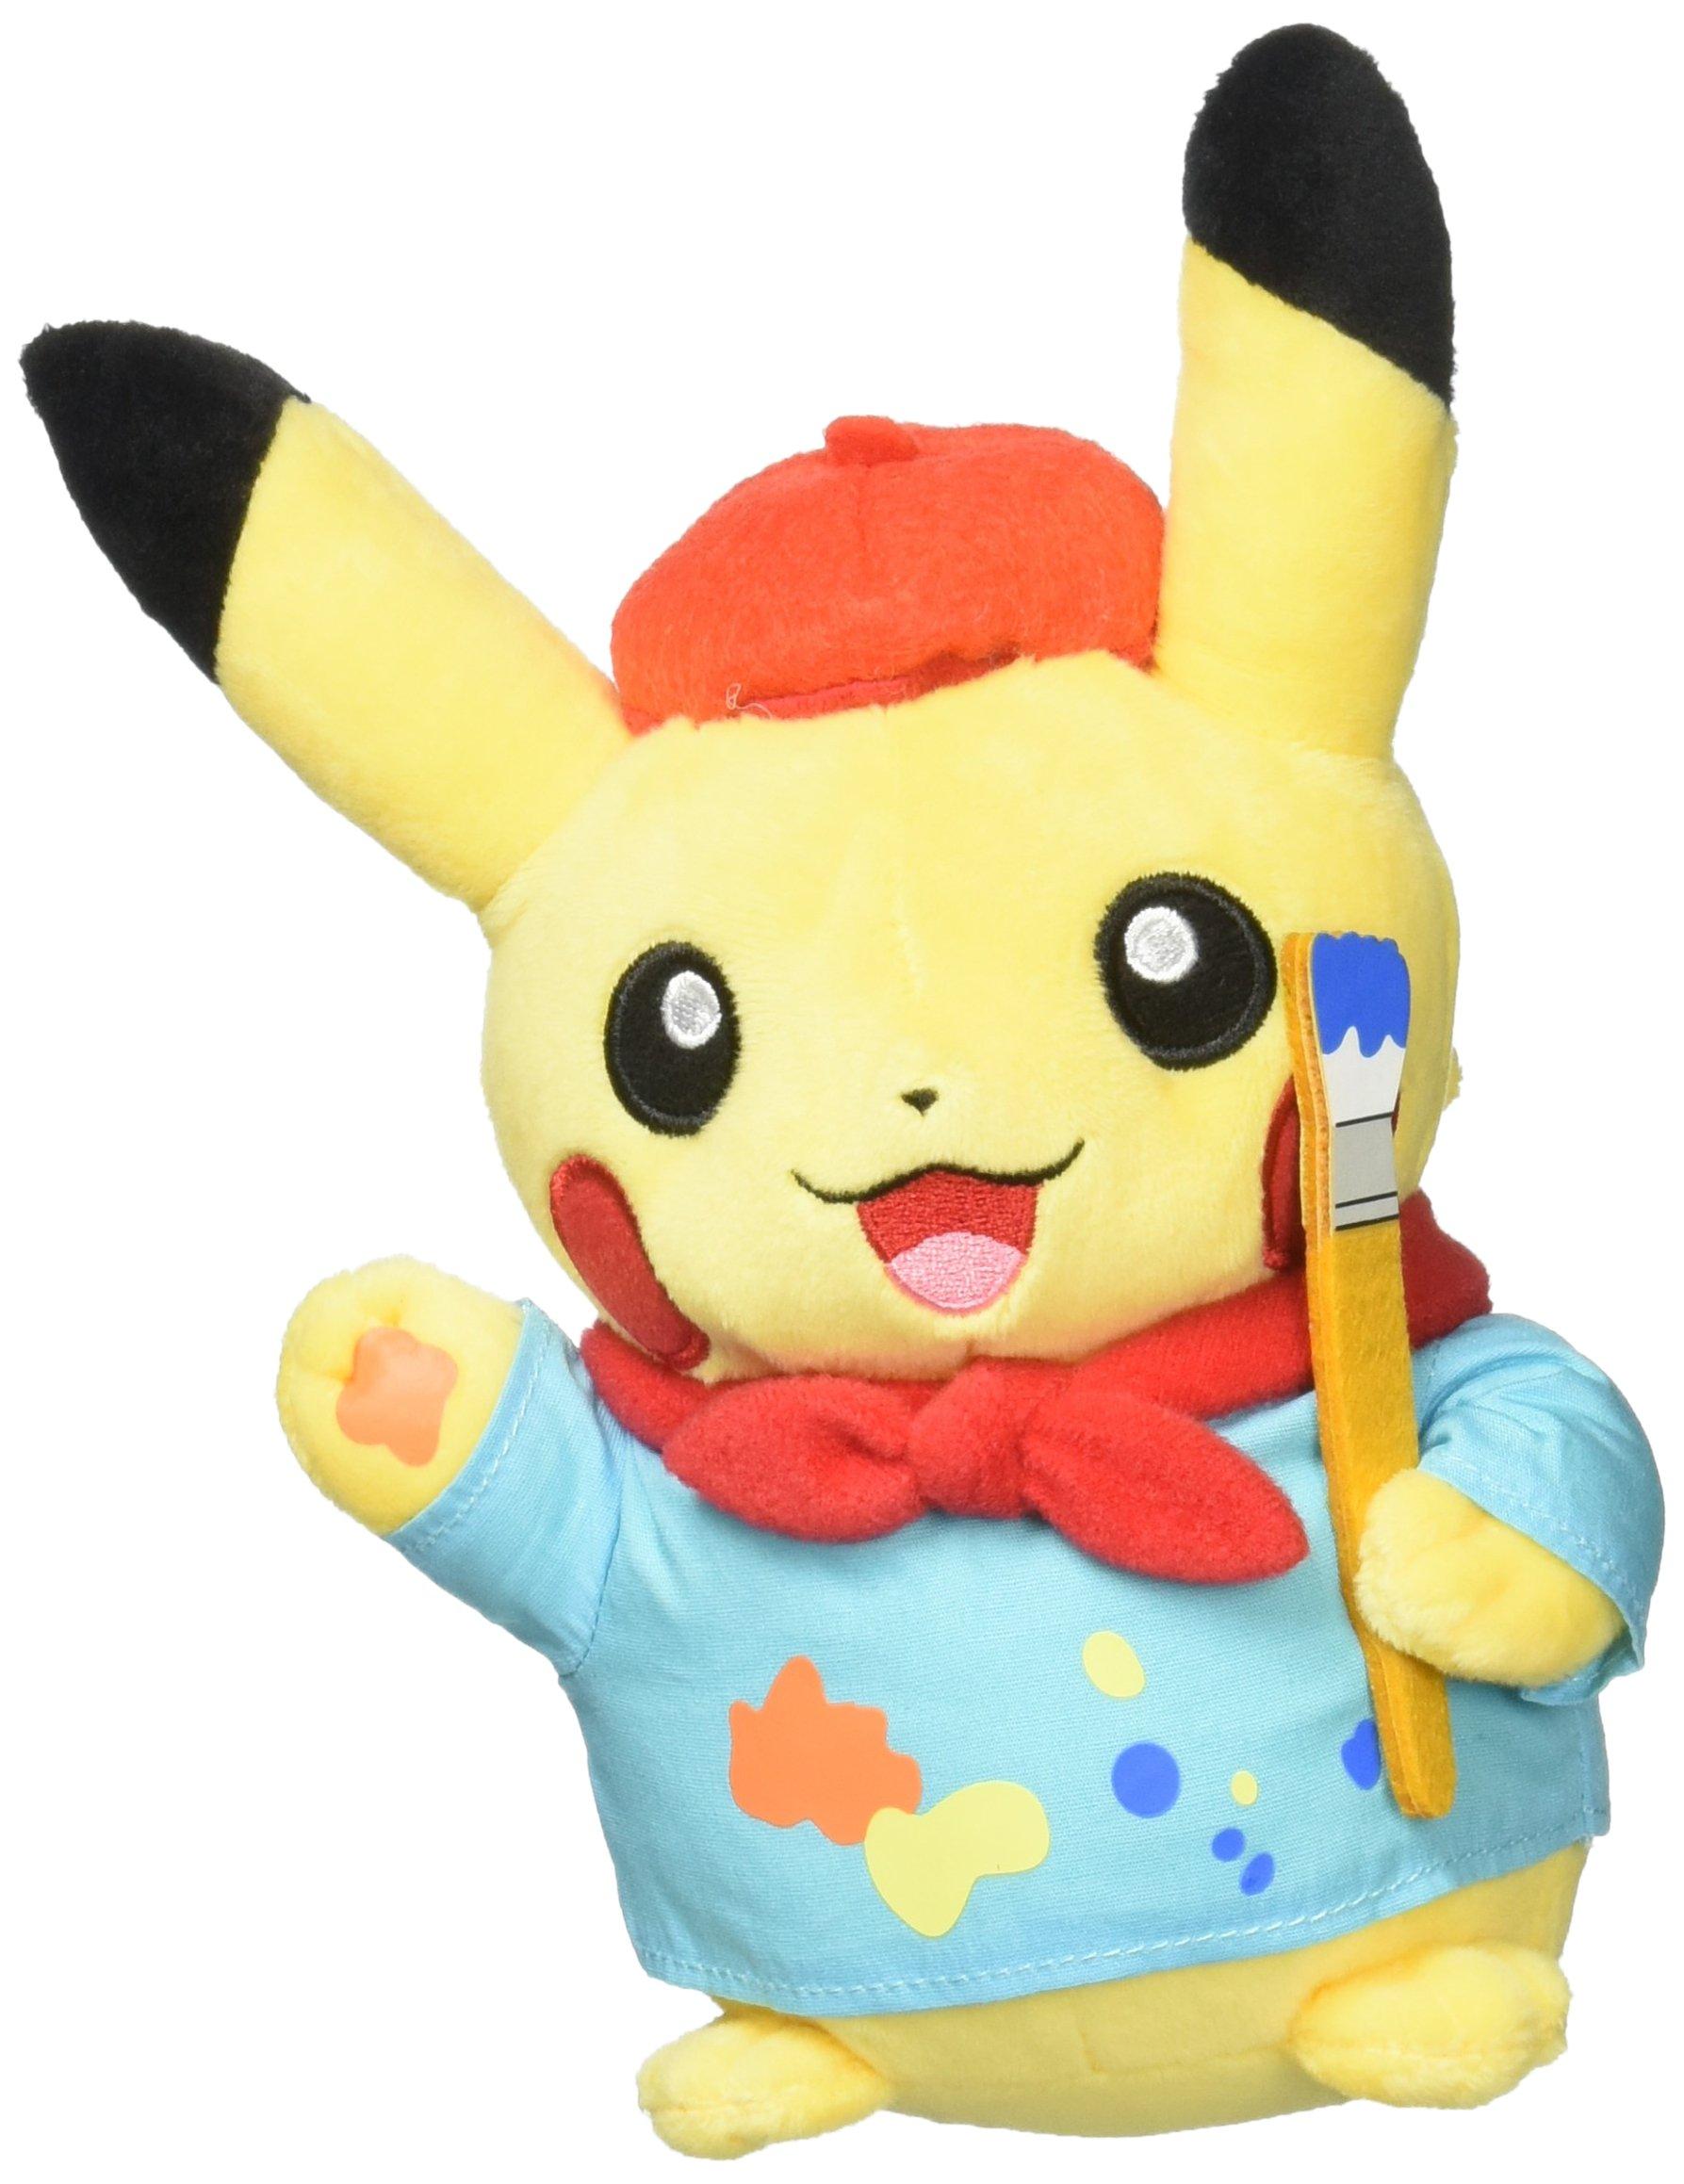 Pikachu Celebrations: Artist Pikachu Poké Plush (Standard Size) - 8'' by Pokemon